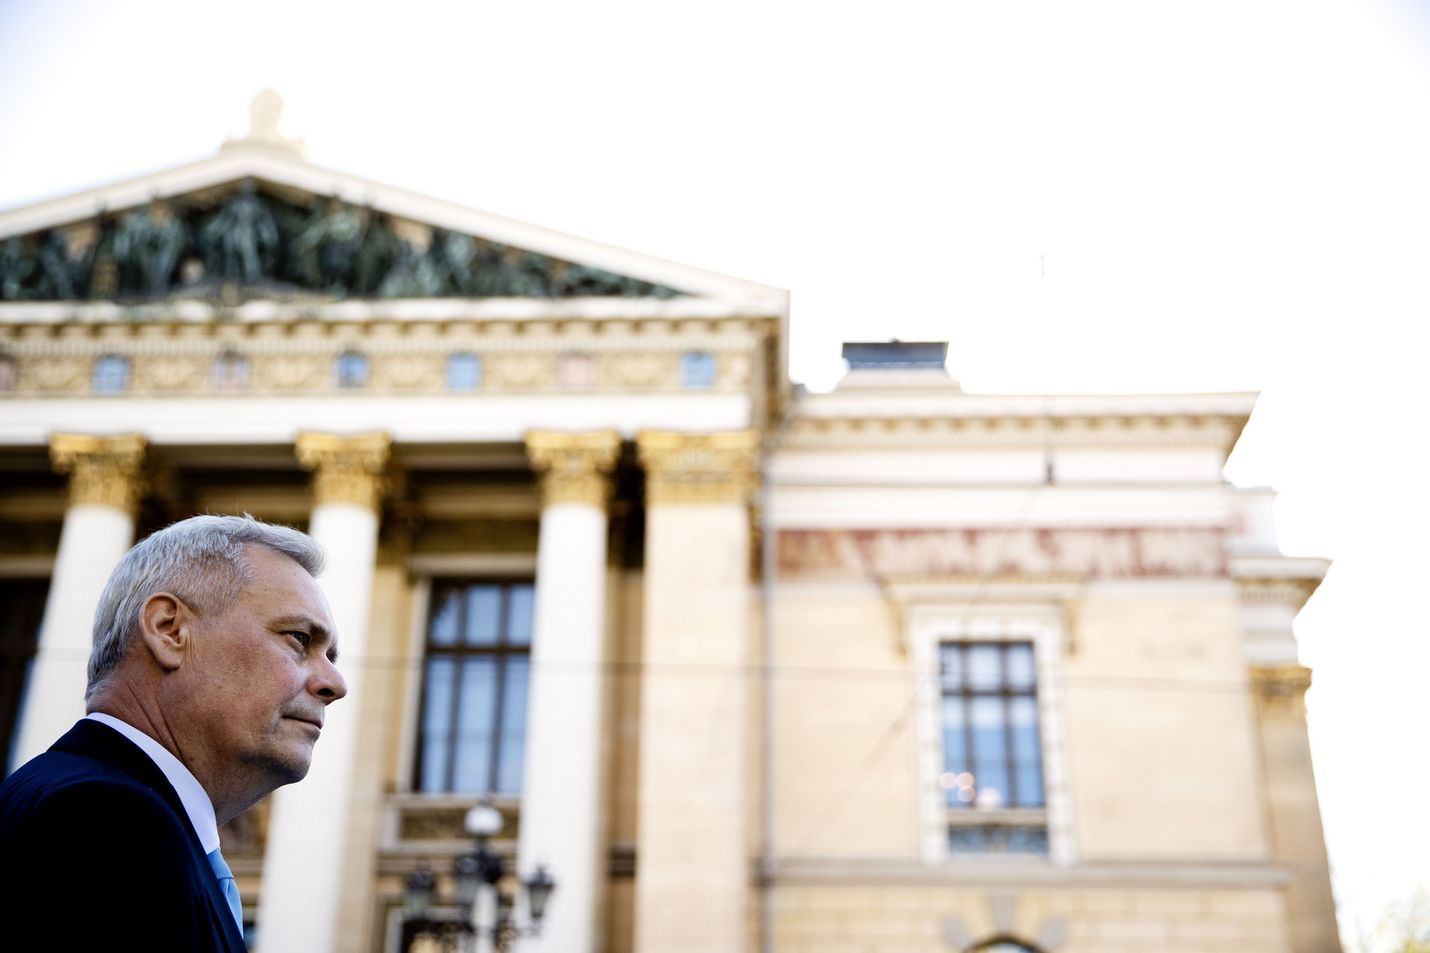 Pääministeri Antti Rinne johdattaa hallituksensa tänään budjettineuvotteluihin Säätytaloon. Samassa paikassa käytiin viime keväänä hallitusneuvottelut.